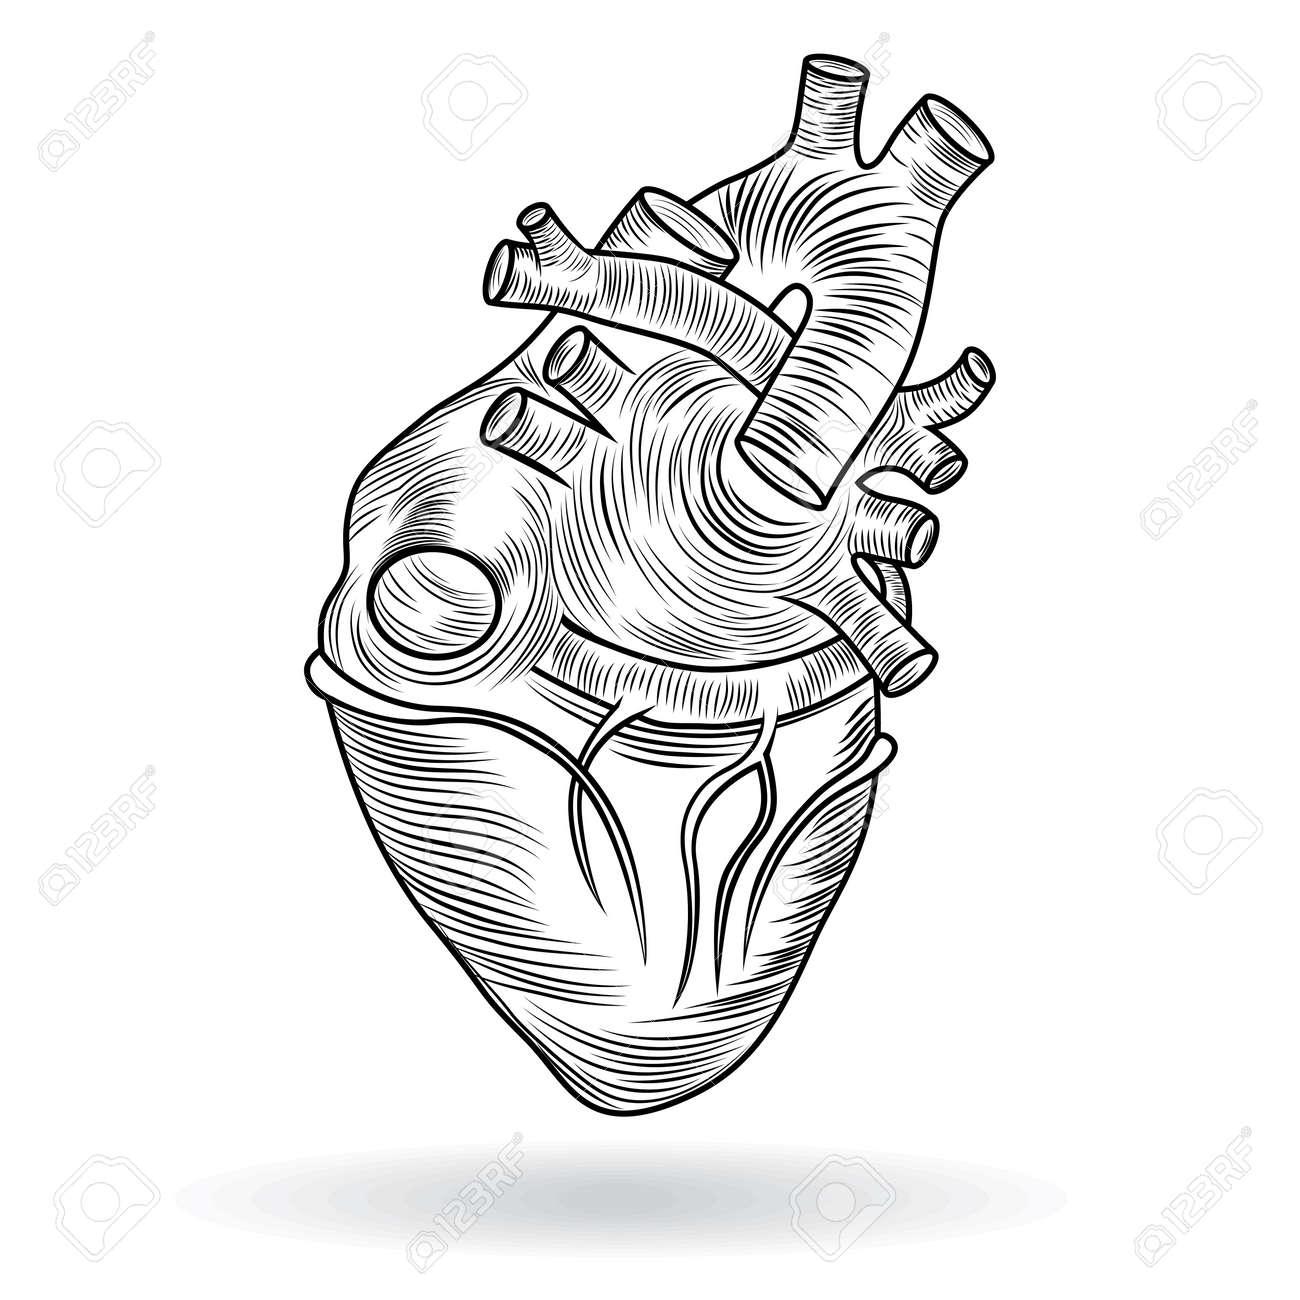 Nett Anatomie Herz Zeichnung Galerie - Menschliche Anatomie Bilder ...